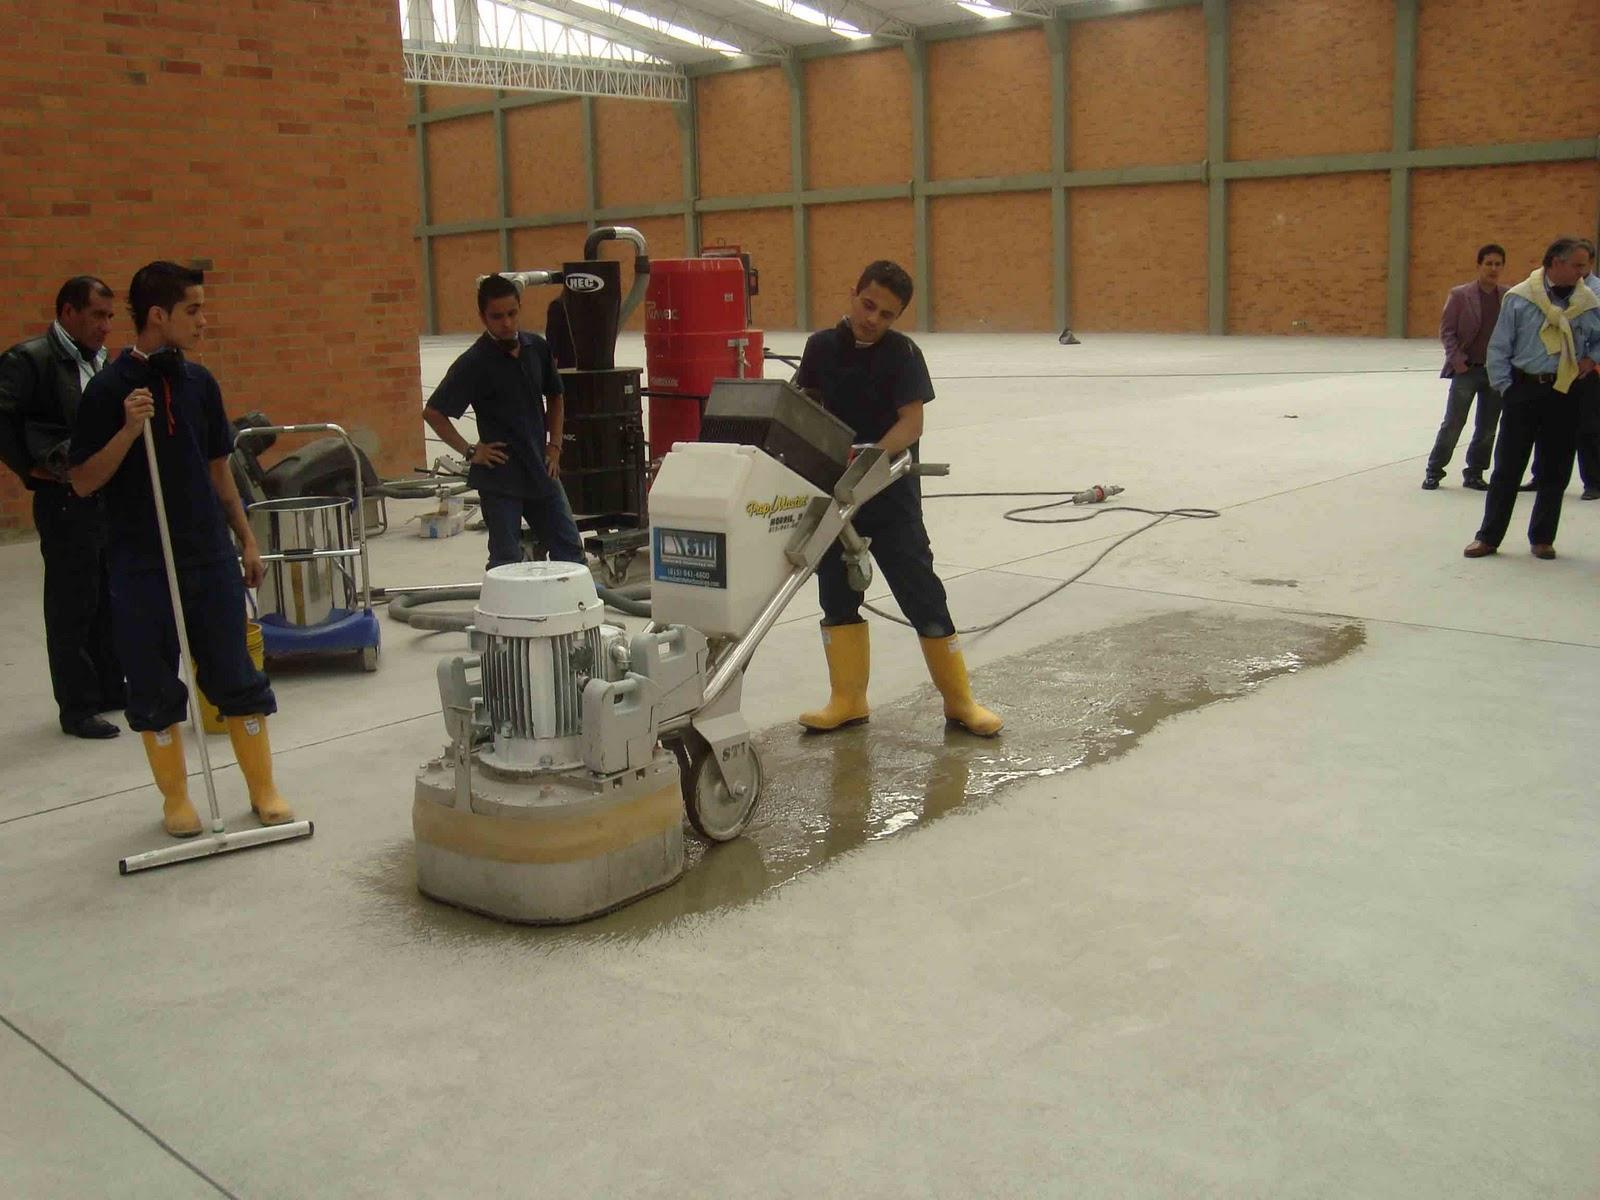 Tratamientos de superficies sistema de concreto pulido cps - Como limpiar piso de cemento pulido ...